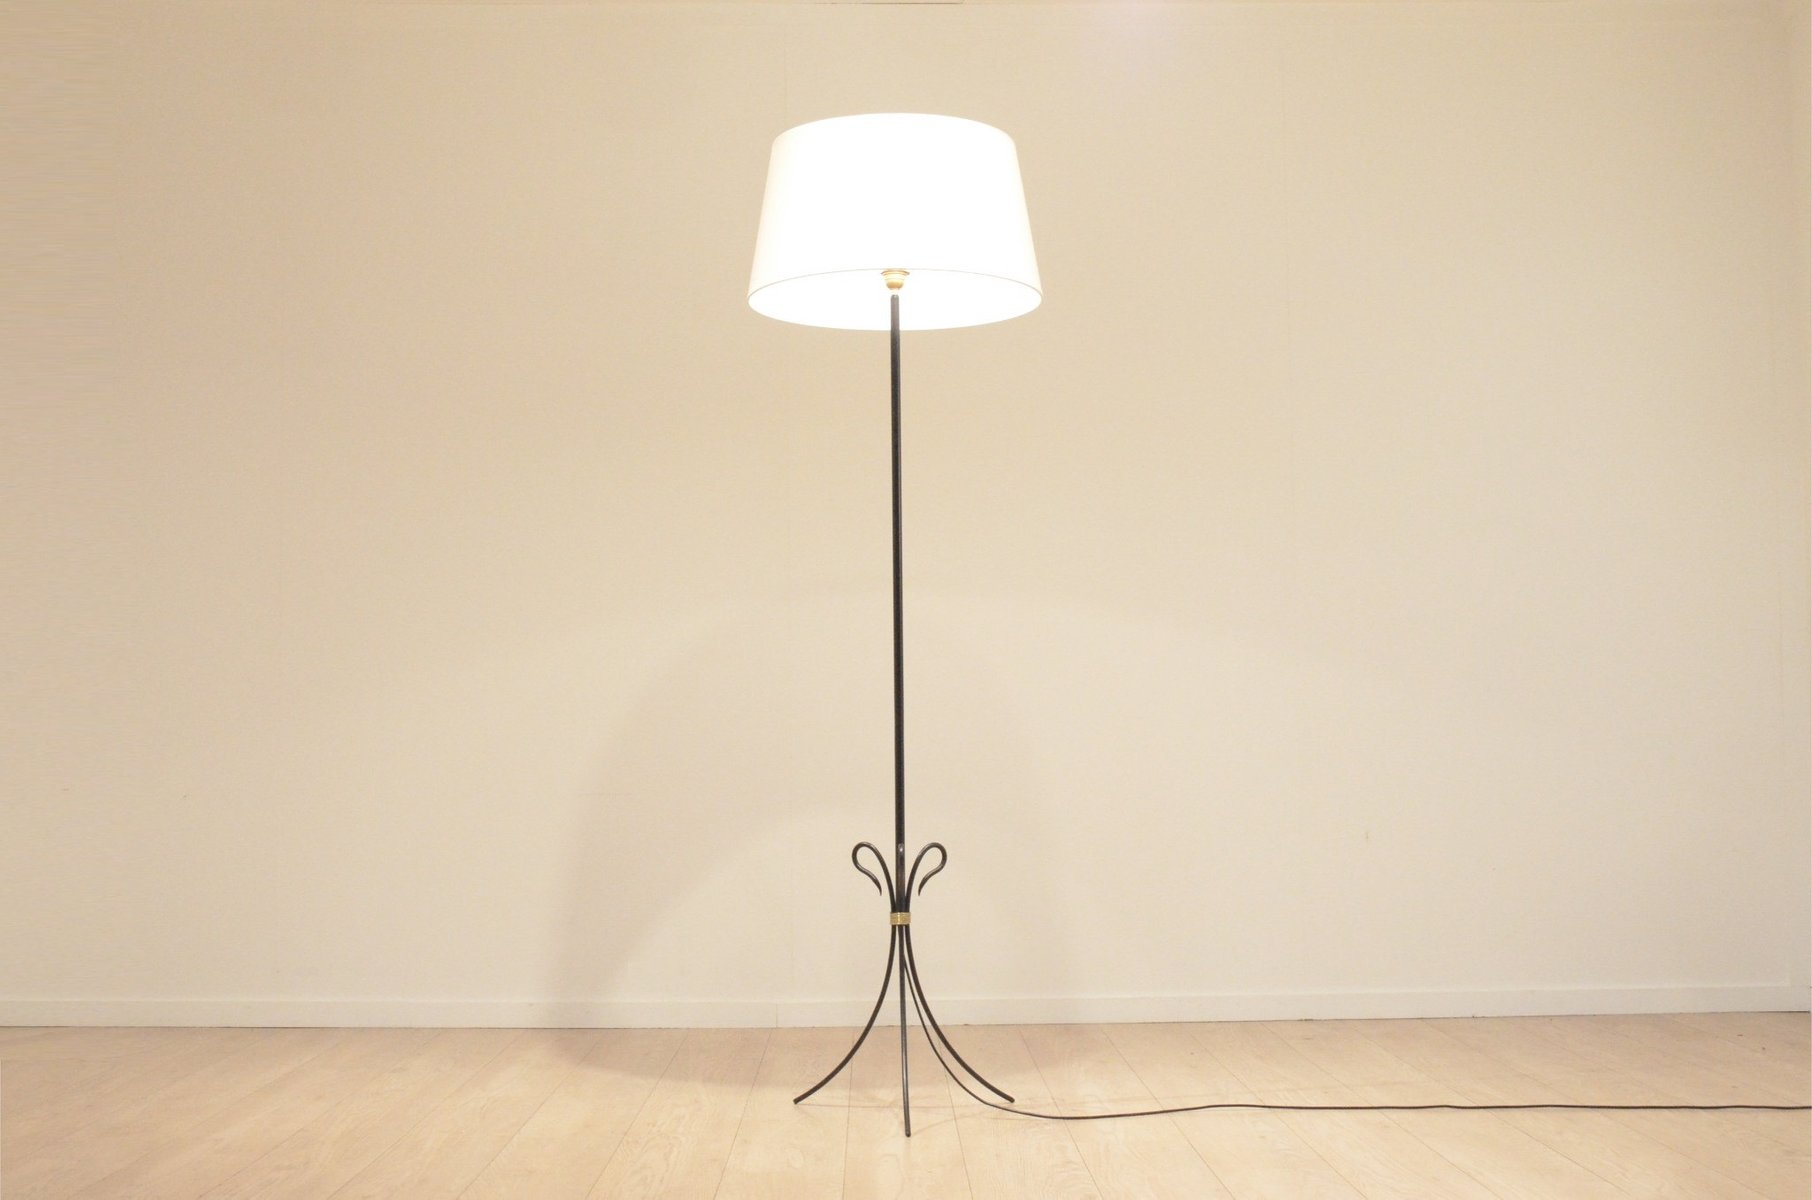 Innenarchitektur Dreibein Stehlampe Dekoration Von 750,00 €